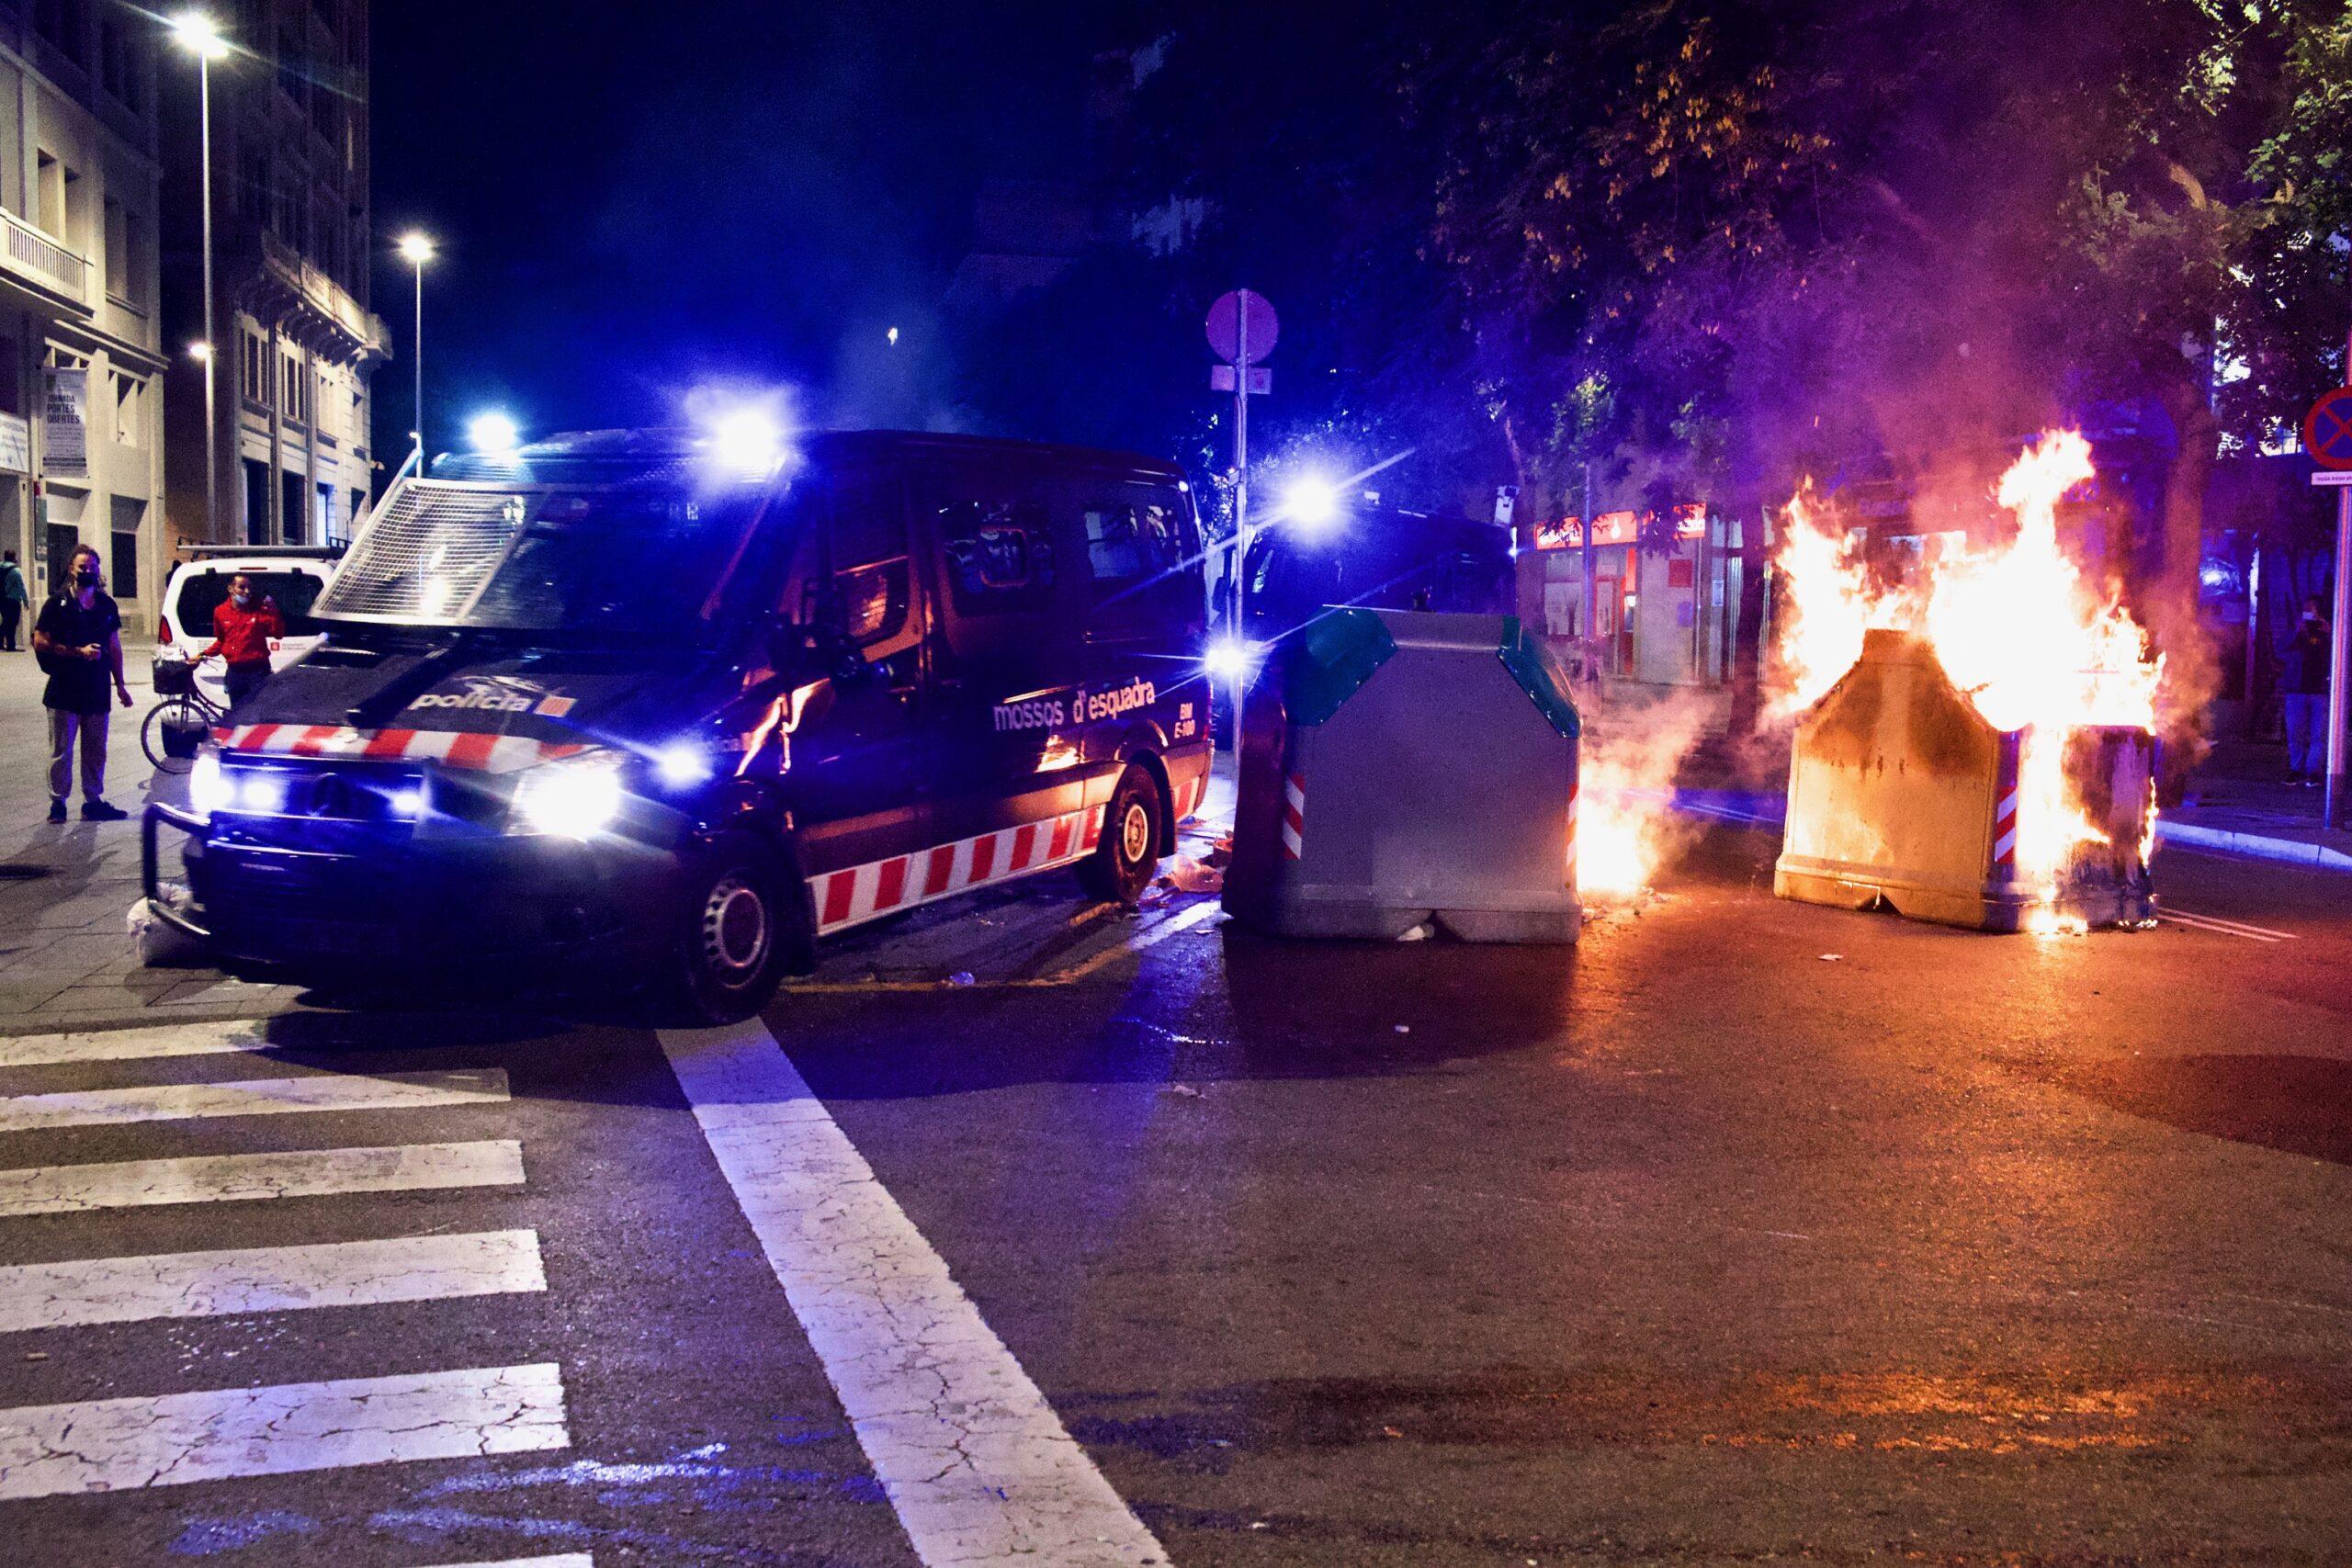 Contenidor cremant a Ciutat Vella després d'una protesta anti-restriccions / Jordi Play